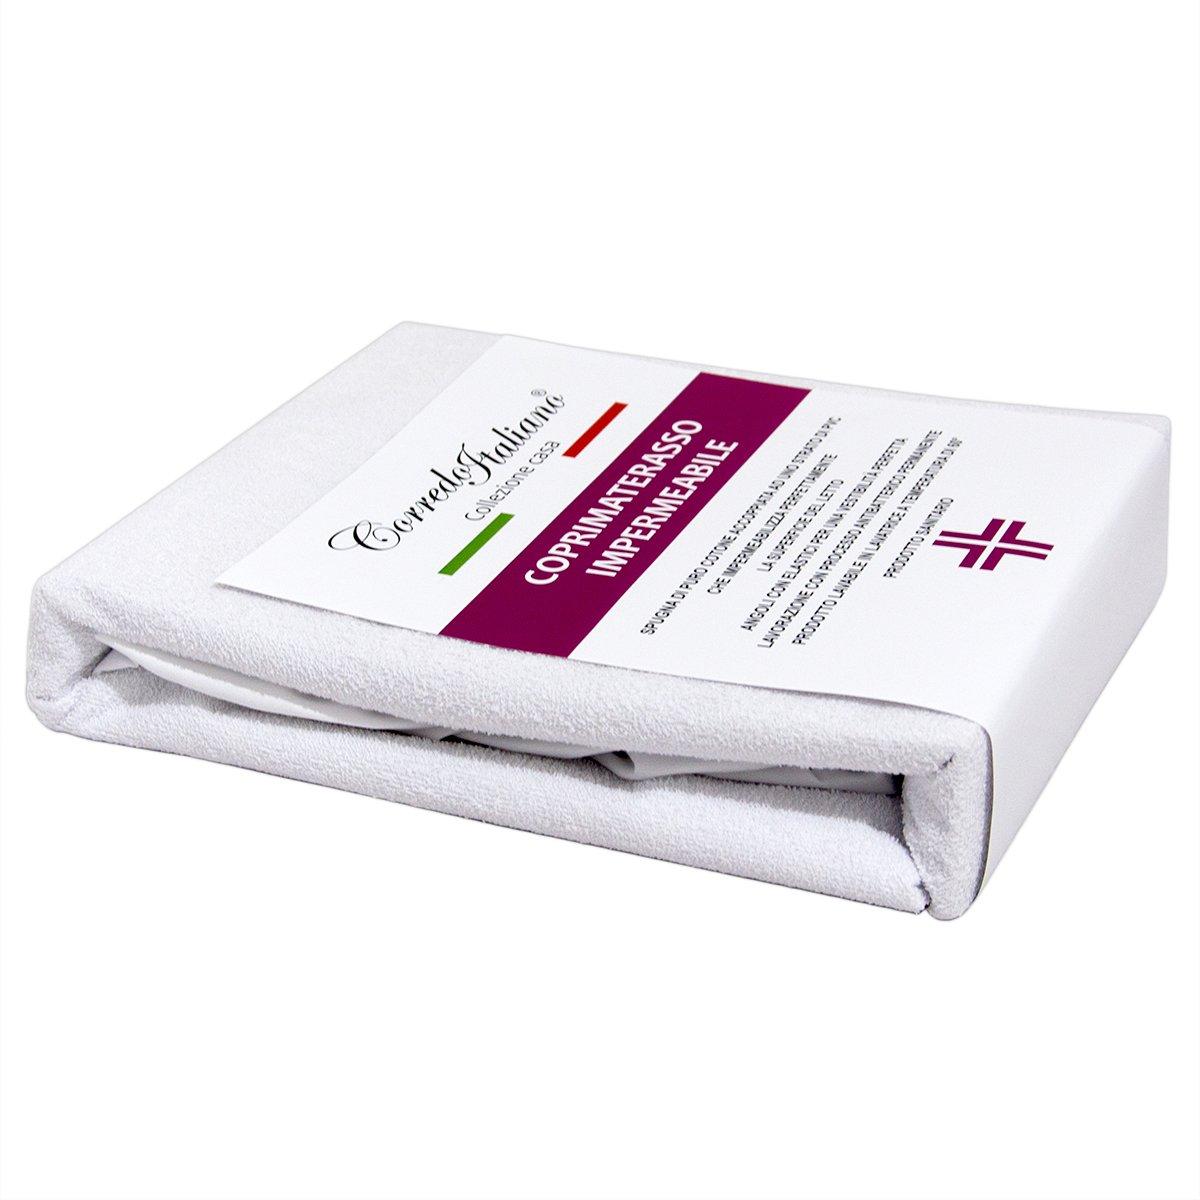 Corredo Italiano - Protector impermeable de colchones para camas matrimoniales. Posee esquinas elásticas ajustables. Dimensiones: 170 x 195 + 27 cm Corredo Italiano®